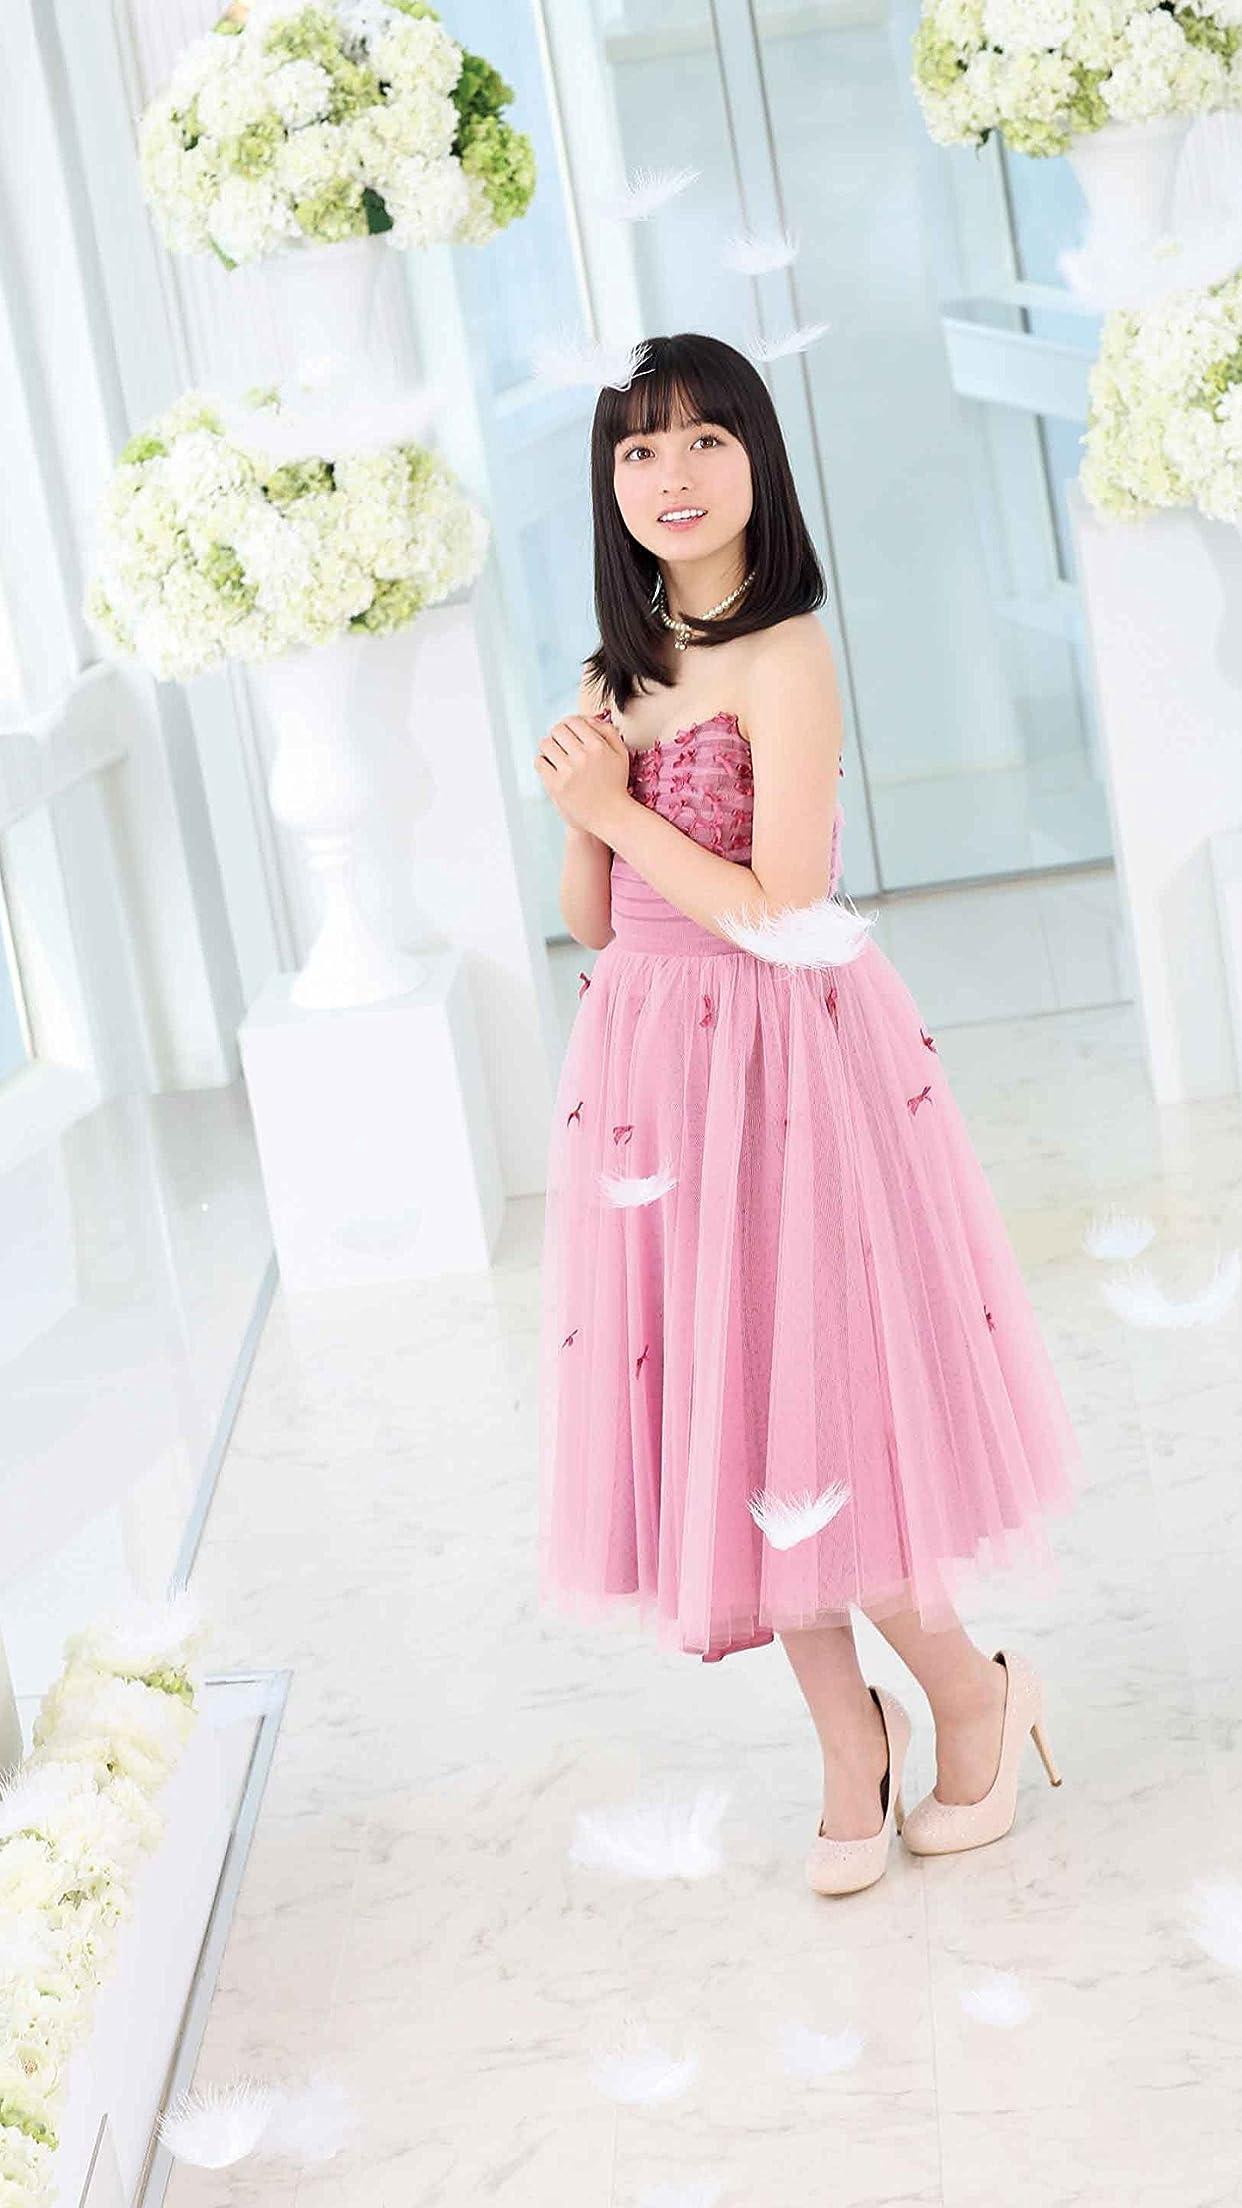 橋本環奈 ピンクのドレスを着た環奈さん Iphone8 7 6 Plus